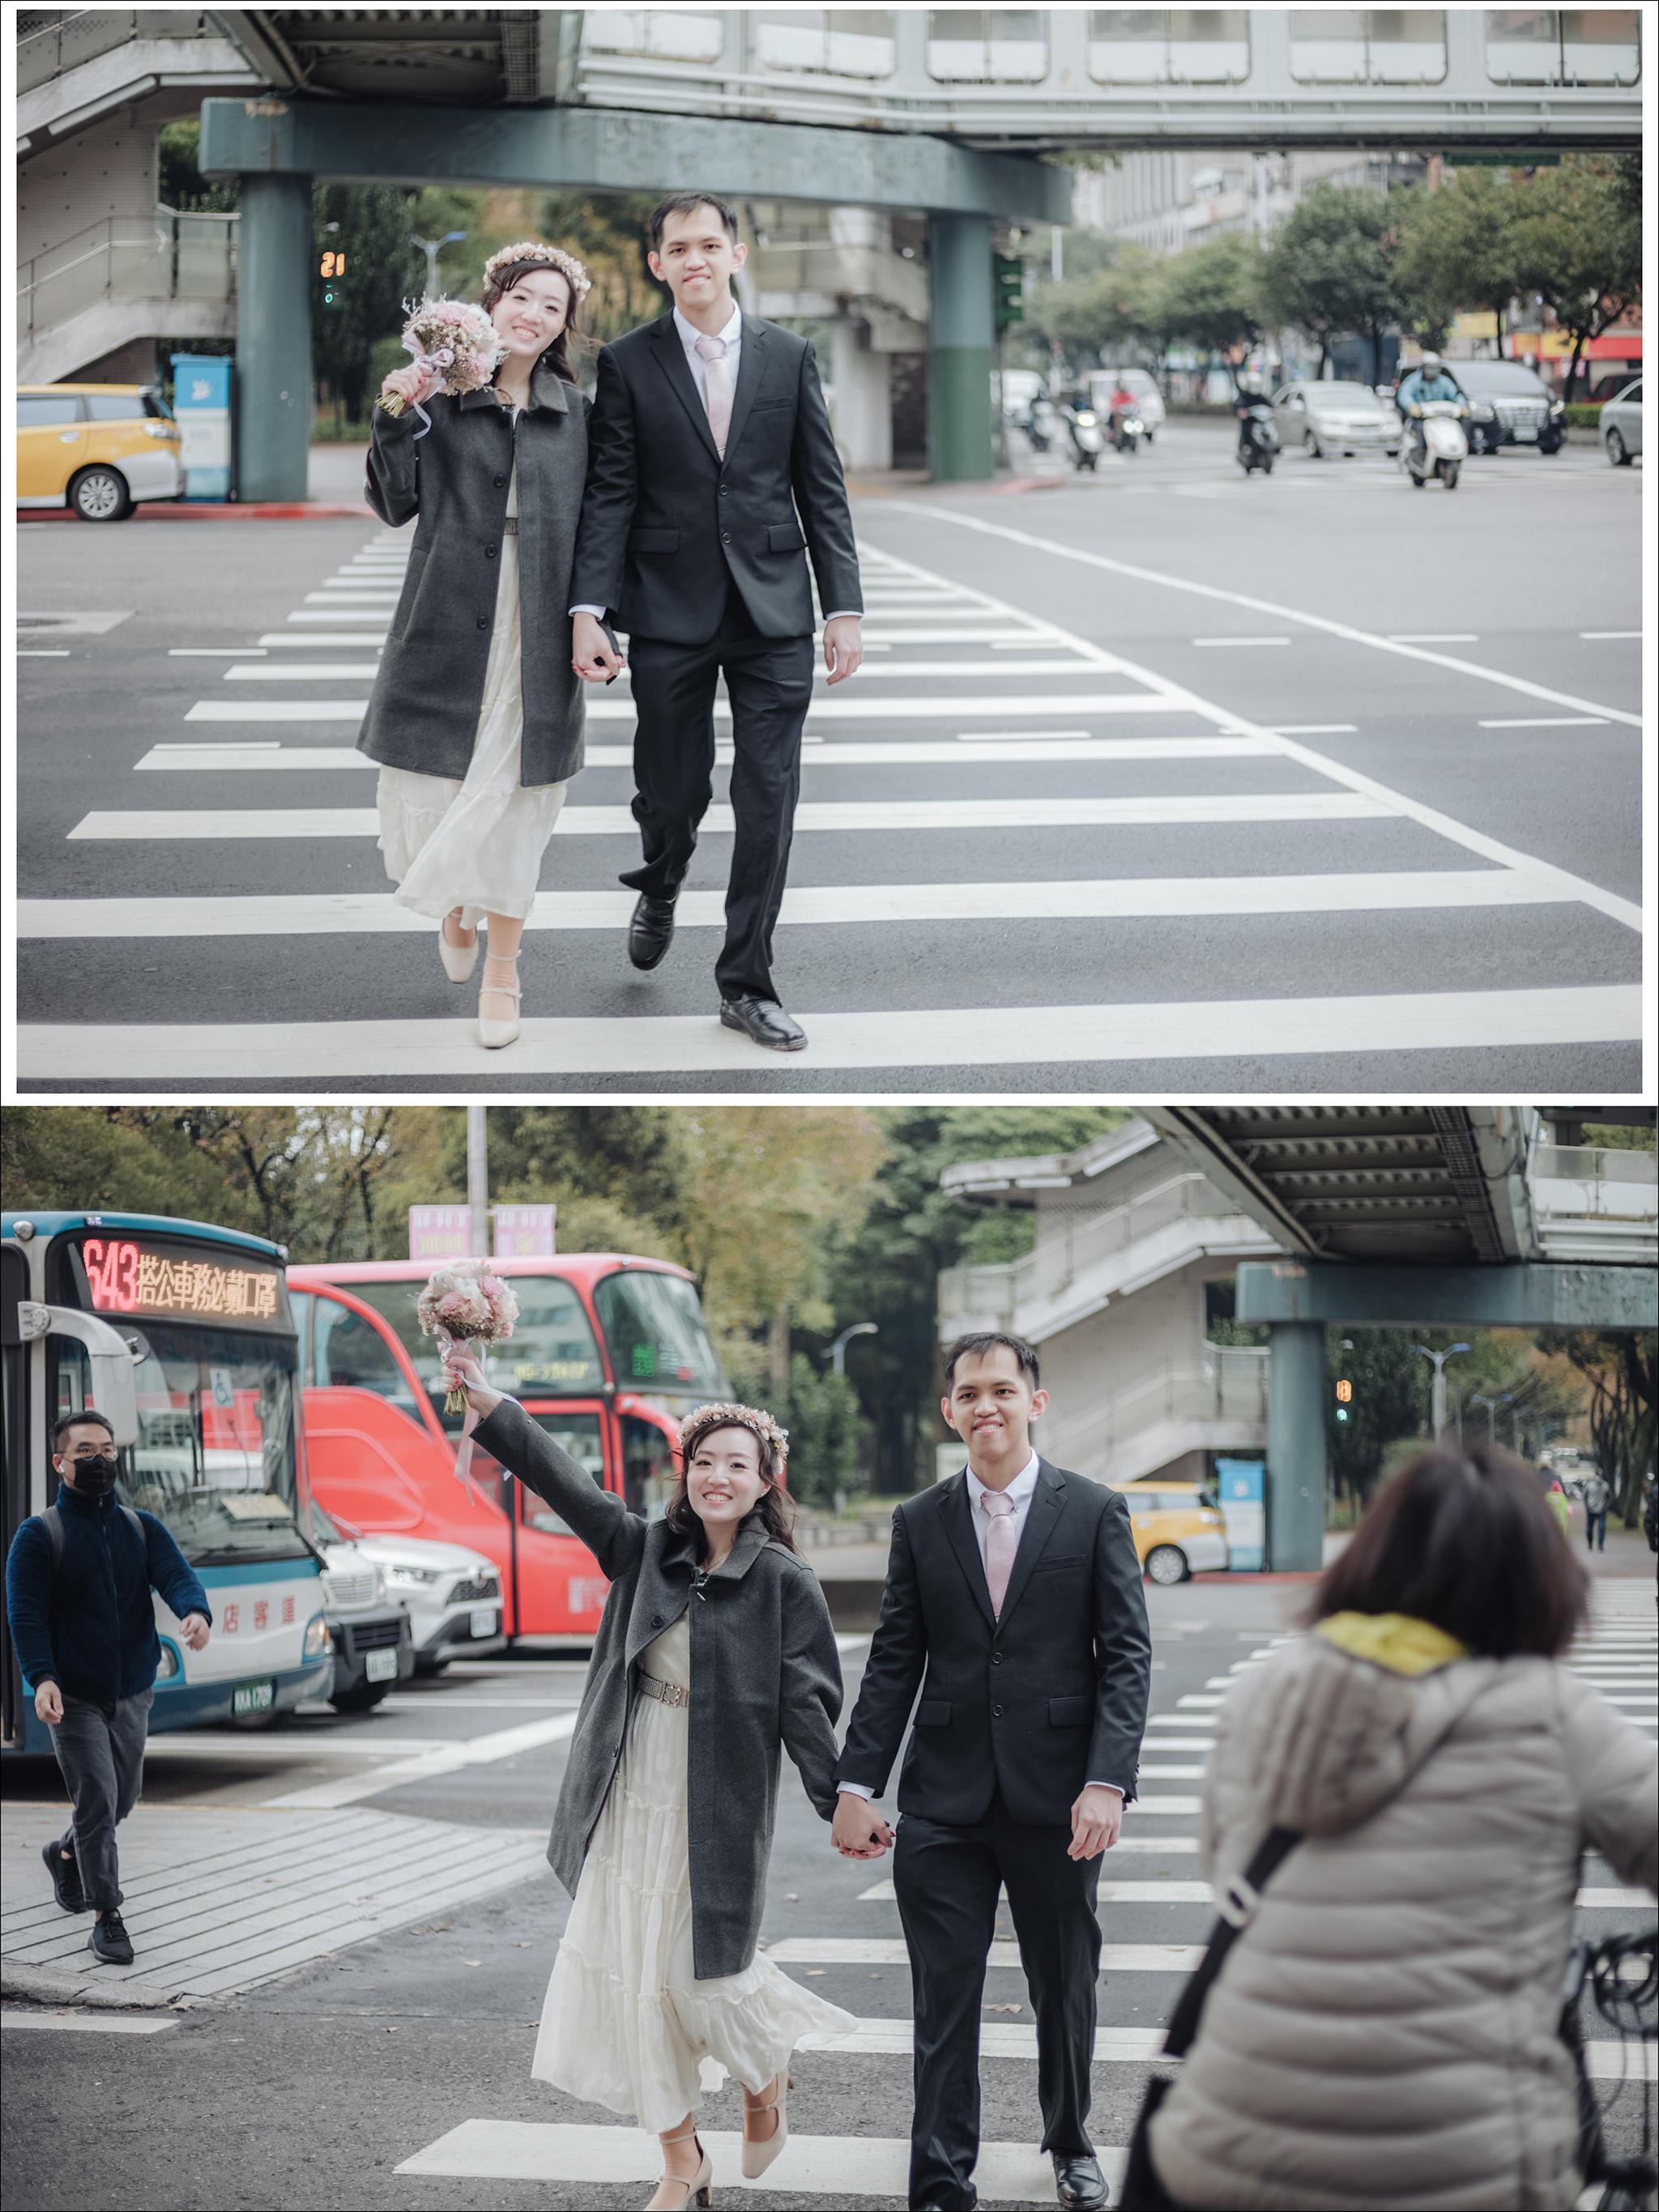 51499215948 51d7e82cde o - 【證婚寫真】+馥瑤&威宇+